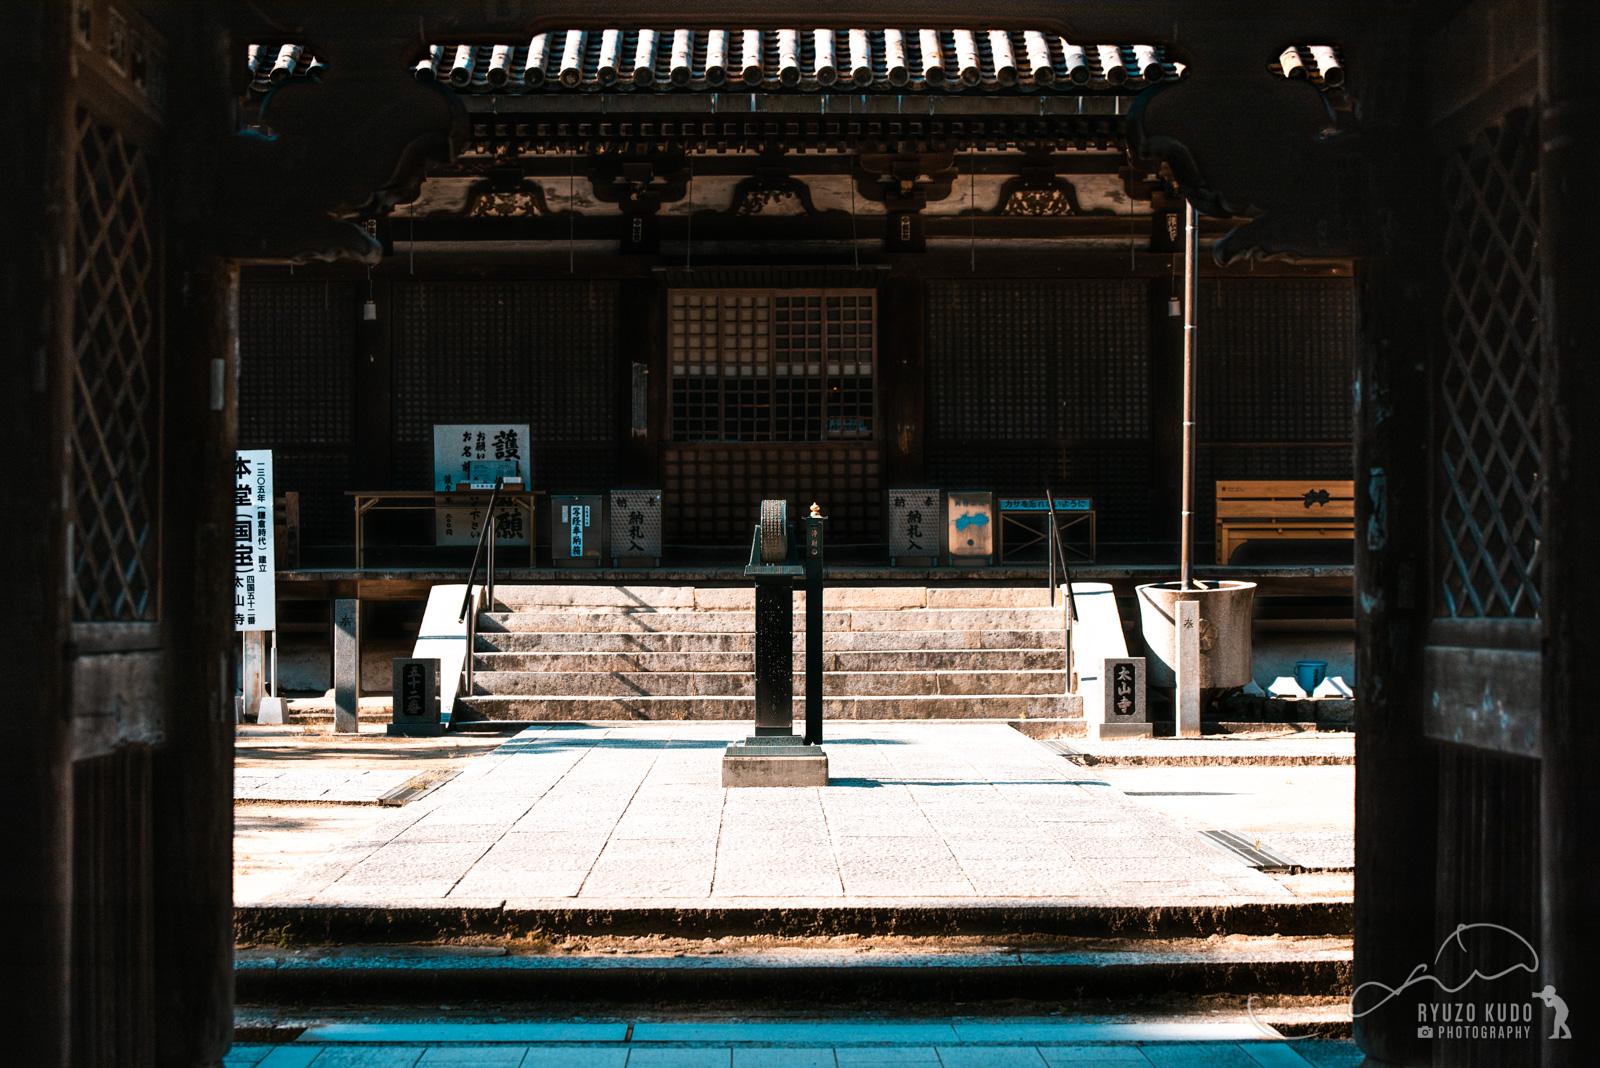 四国霊場第52番札所「太山寺」の夏。鬱蒼とした木々からの木漏れ日に心癒されて